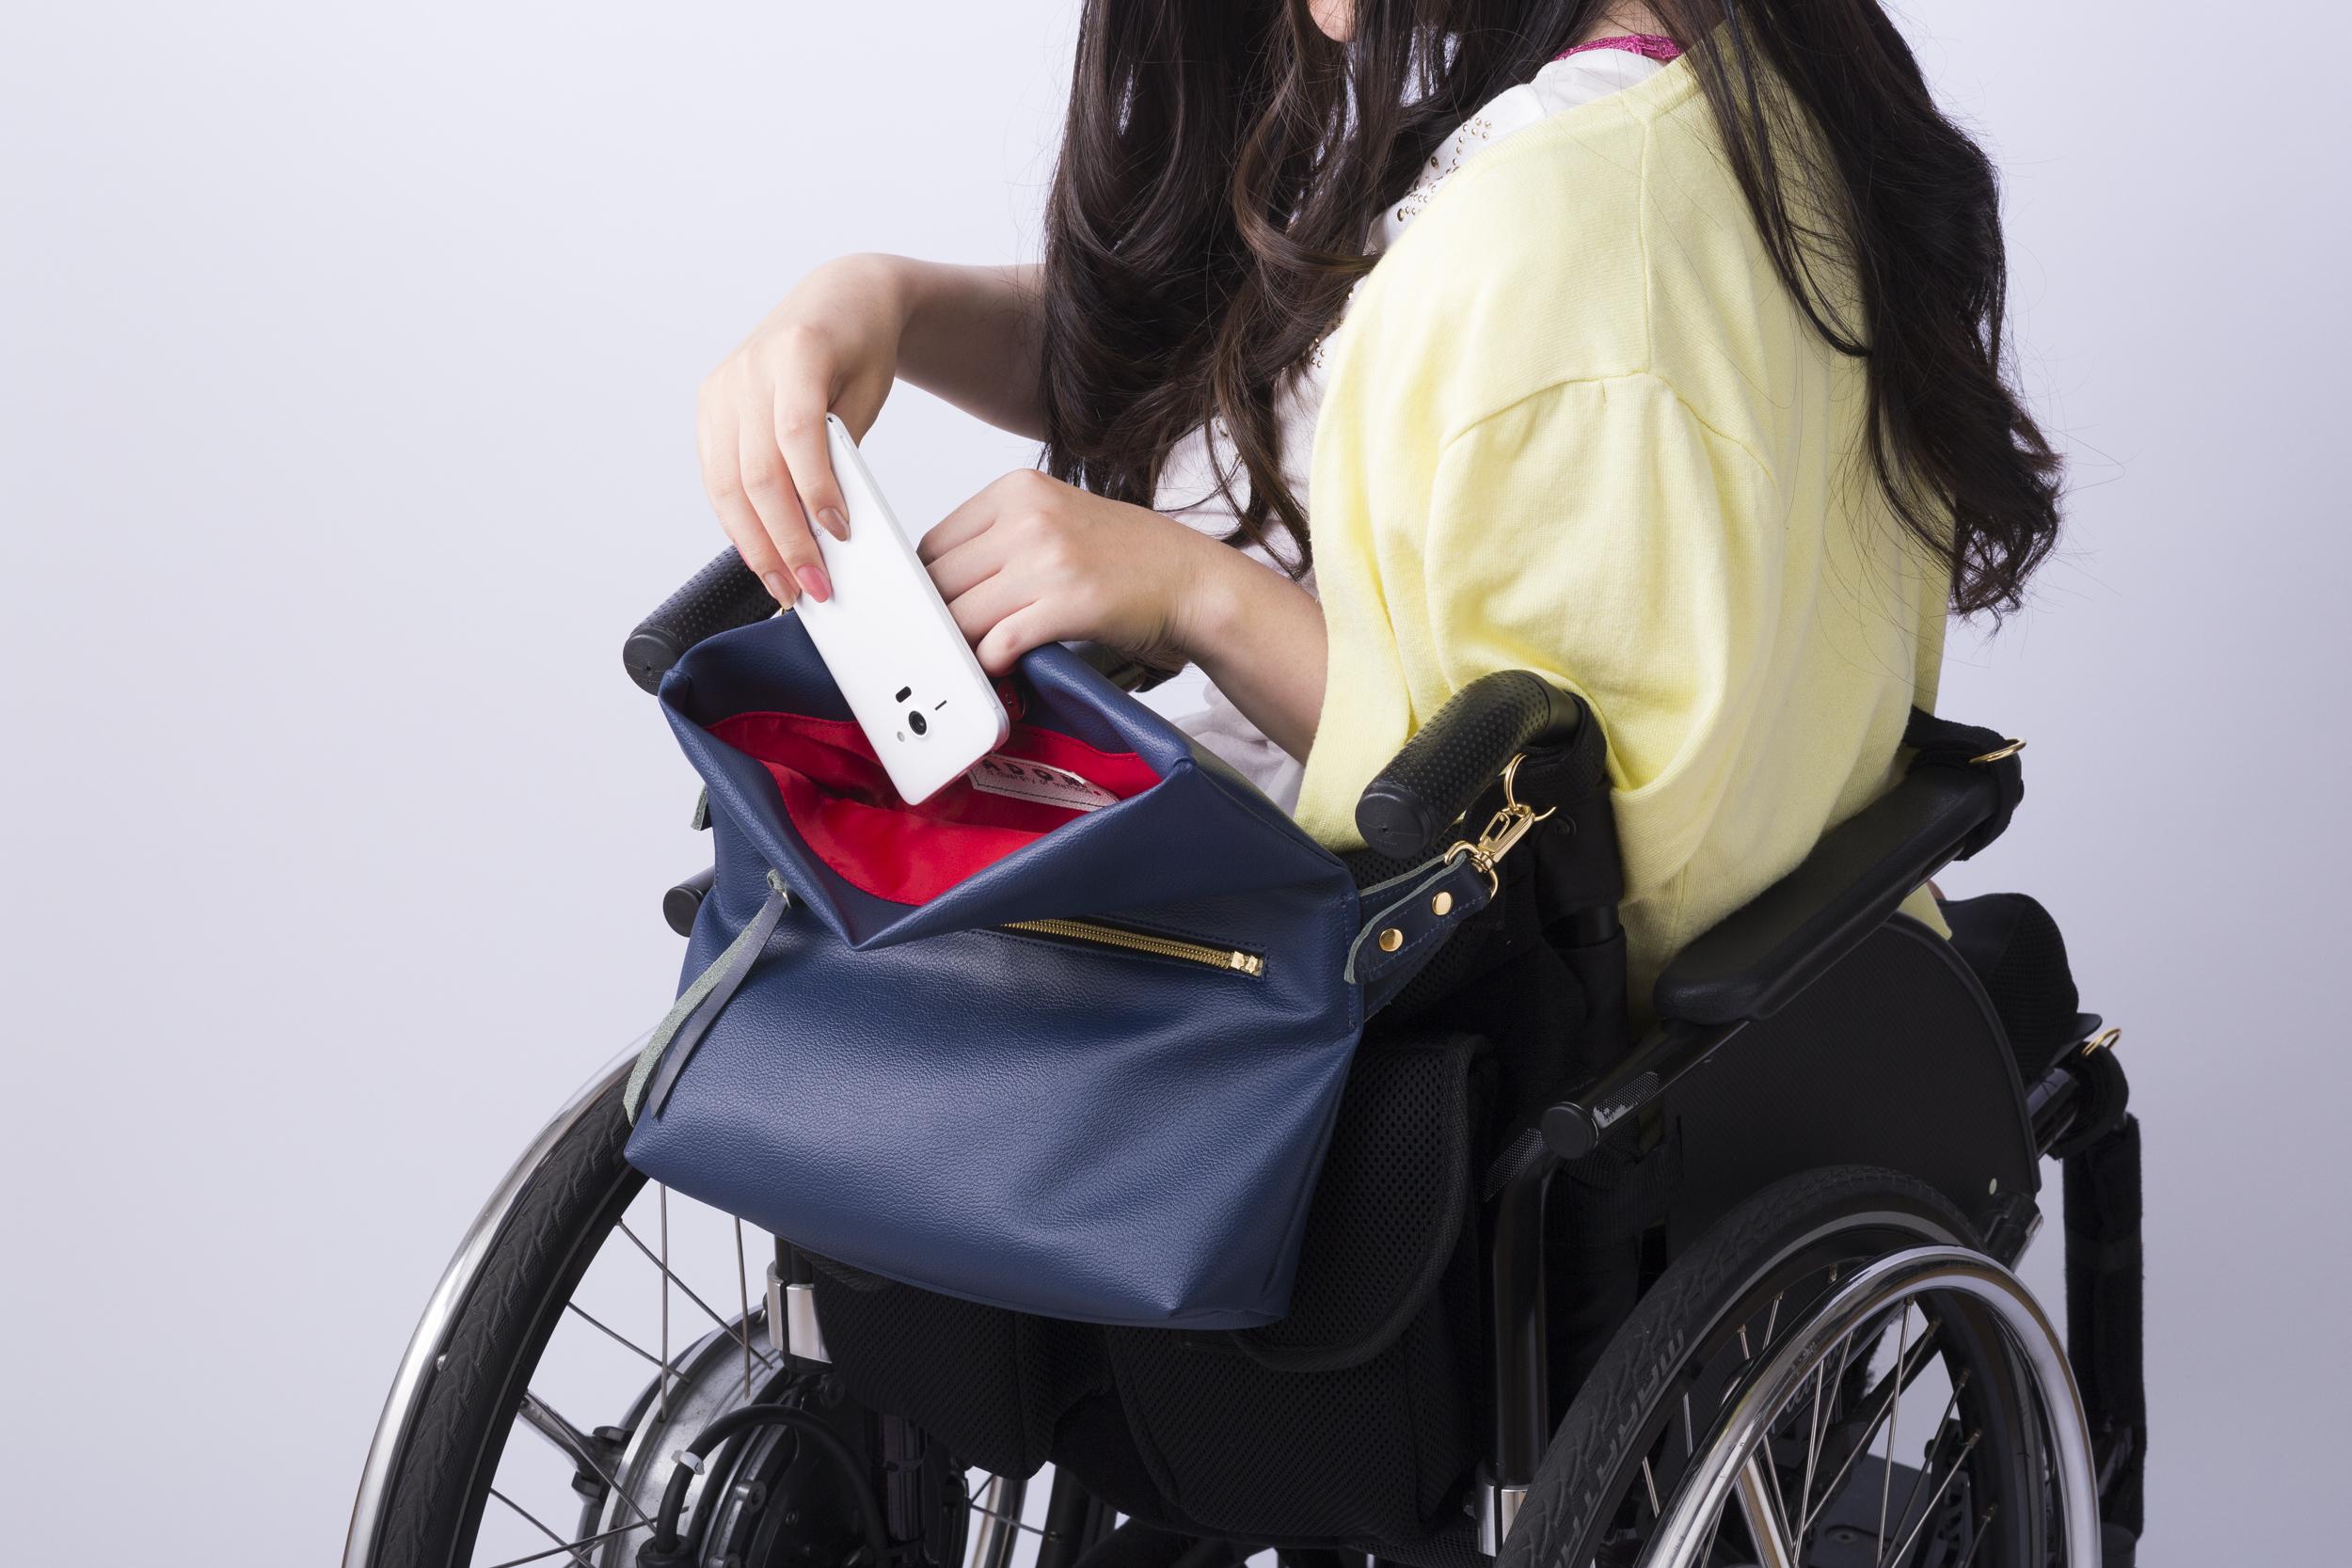 【車いすに取り付けられる】ハンバーガー 二つ折りショルダーバッグ ピンク/ネイビー/ブラック